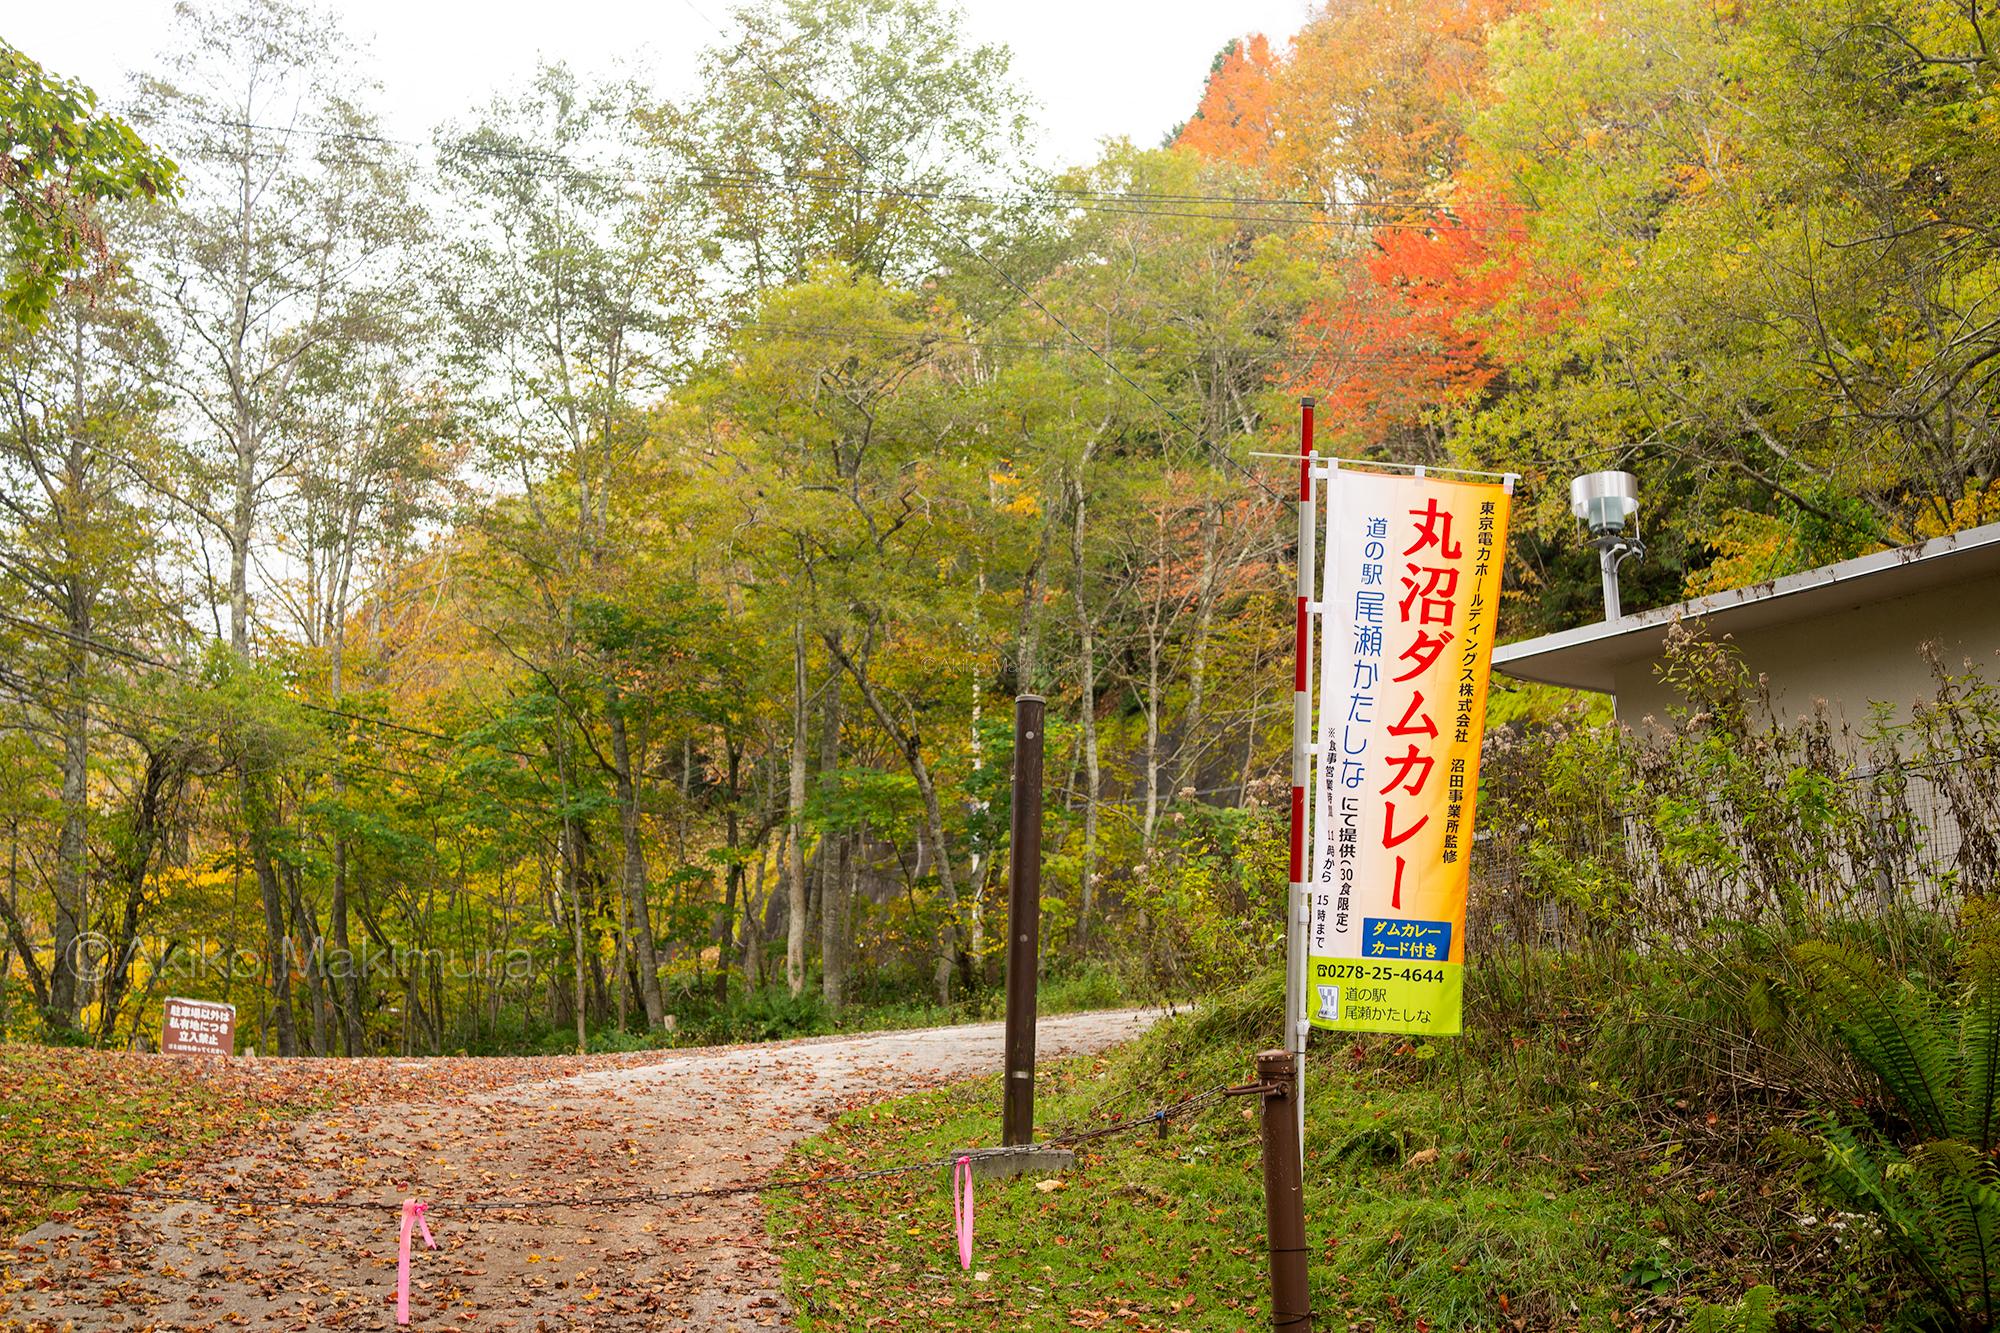 希少なバットレスダム 紅葉の丸山ダム ~群馬県片品村へ8~